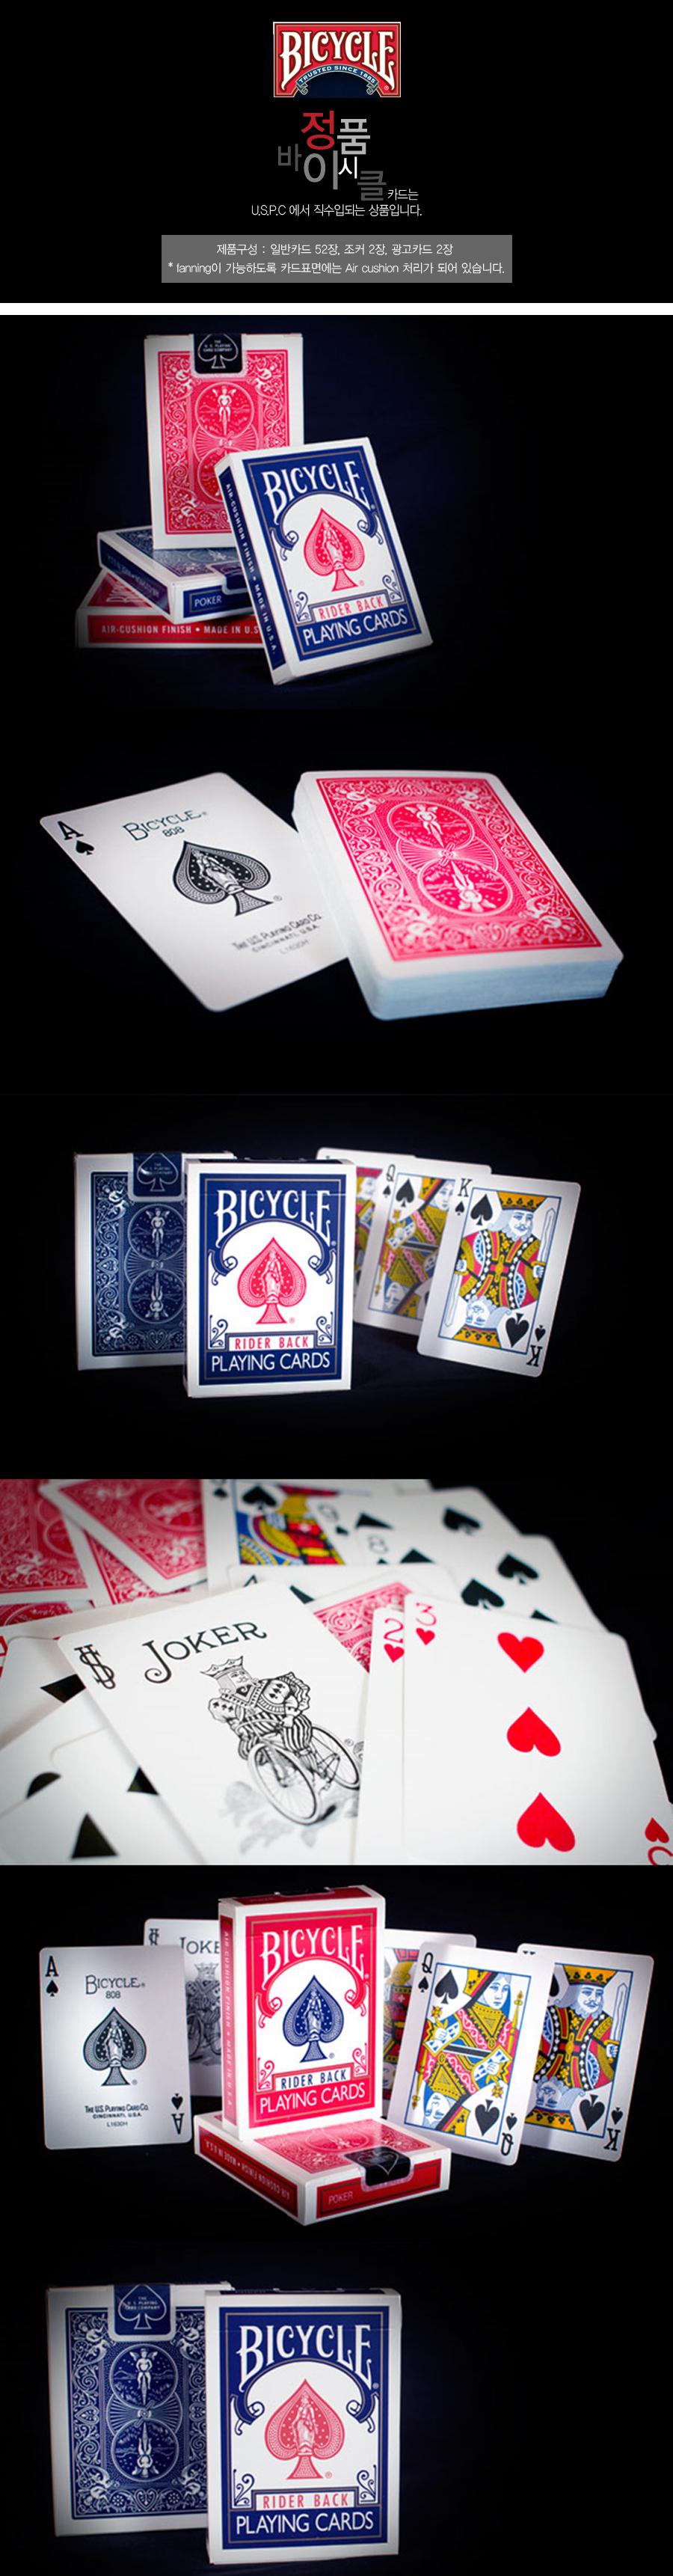 정품바이시클-레드 - 제이엘, 6,000원, 카드마술, 카드마술